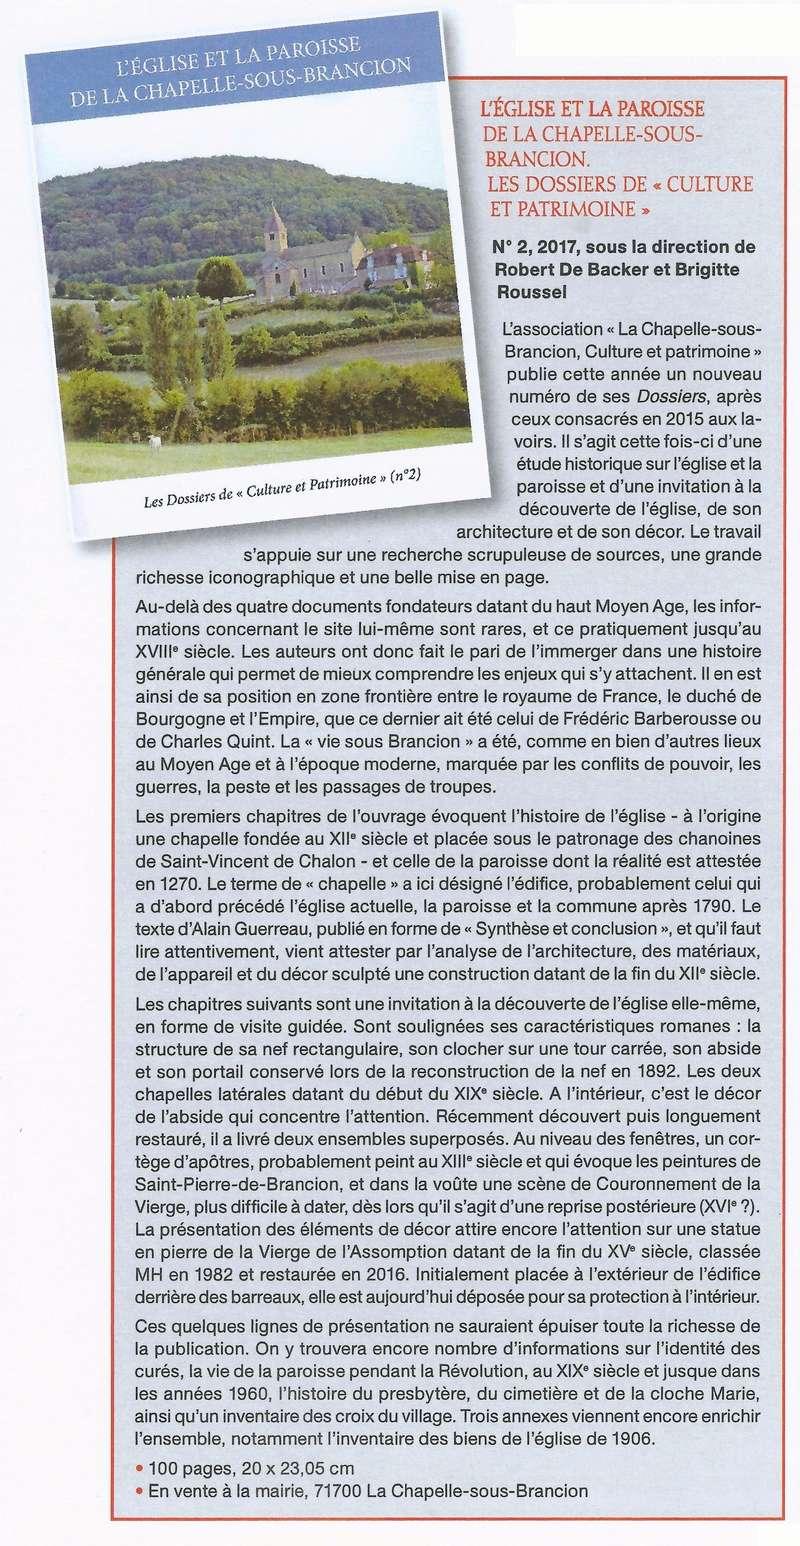 Article Image de Saône et Loire sur l'église et la paroisse de la Chapelle-sous-Brancion Articl10